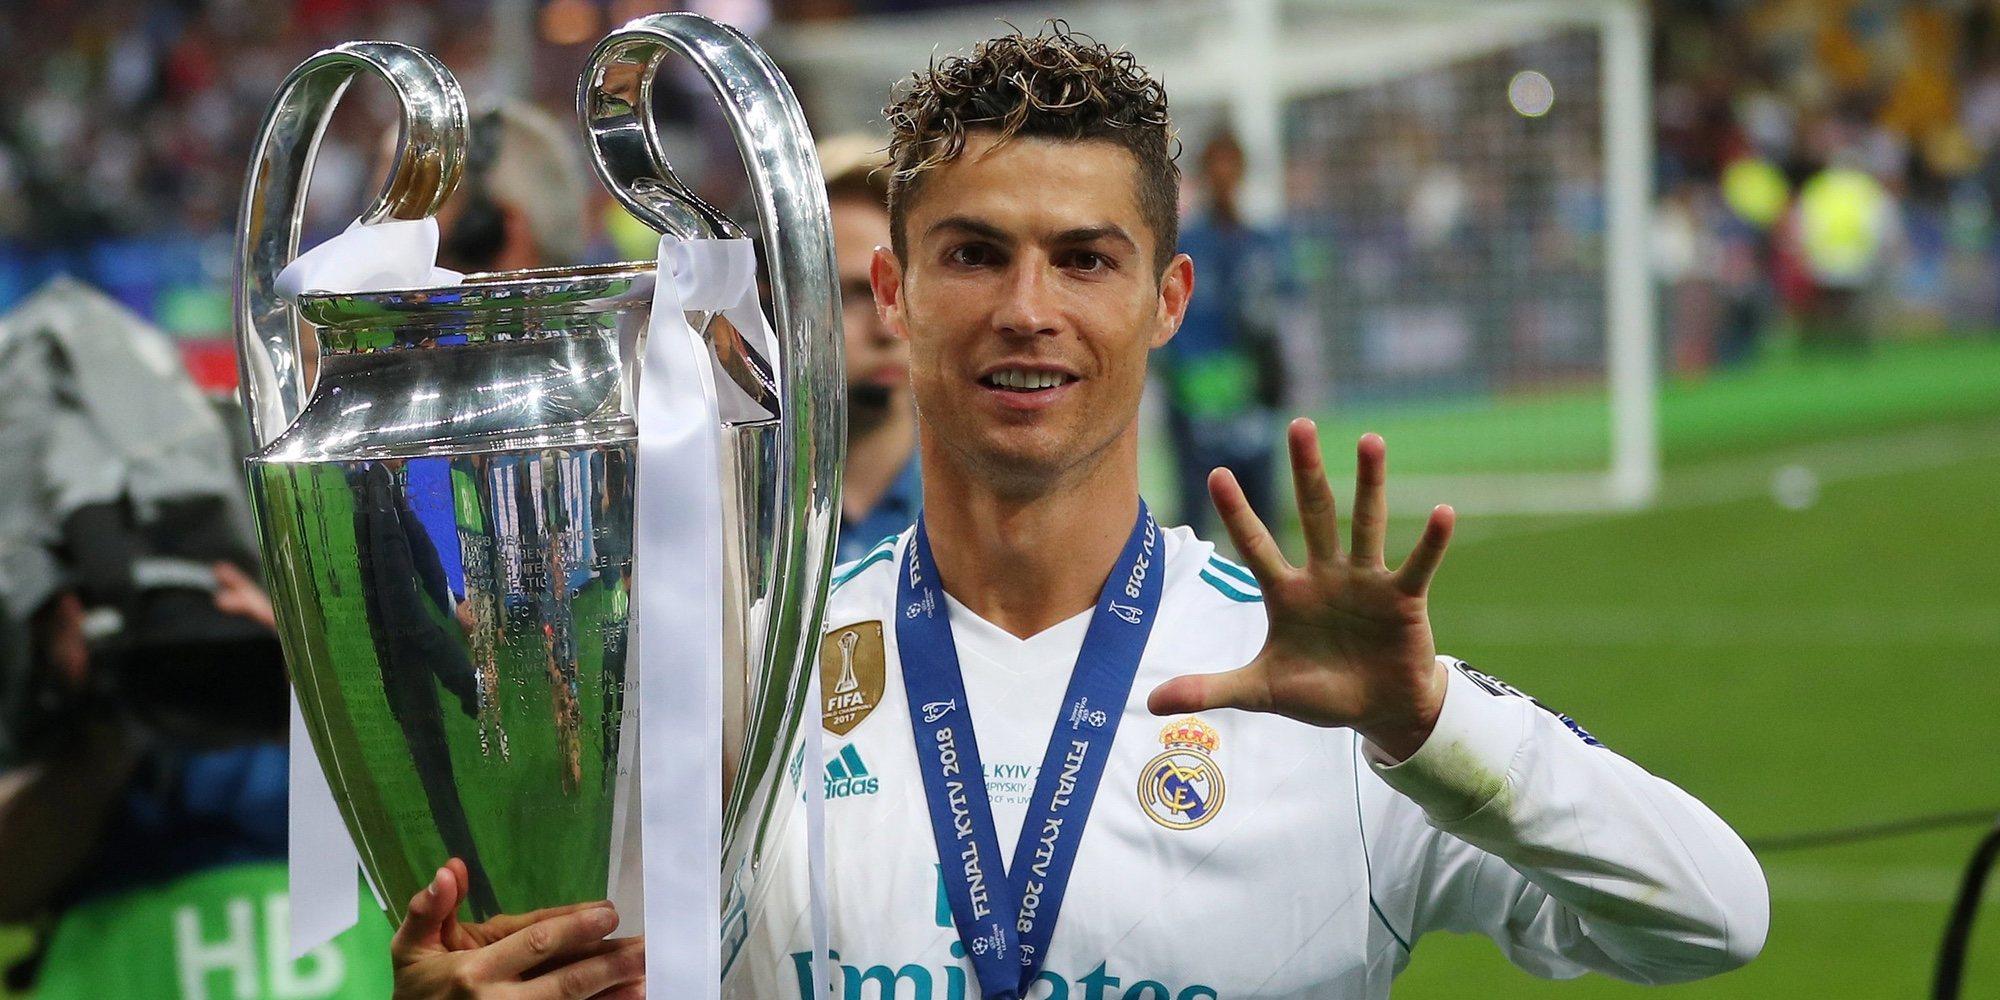 Cristiano Ronaldo se despide del Real Madrid y ficha por la Juventus por 105 millones de euros